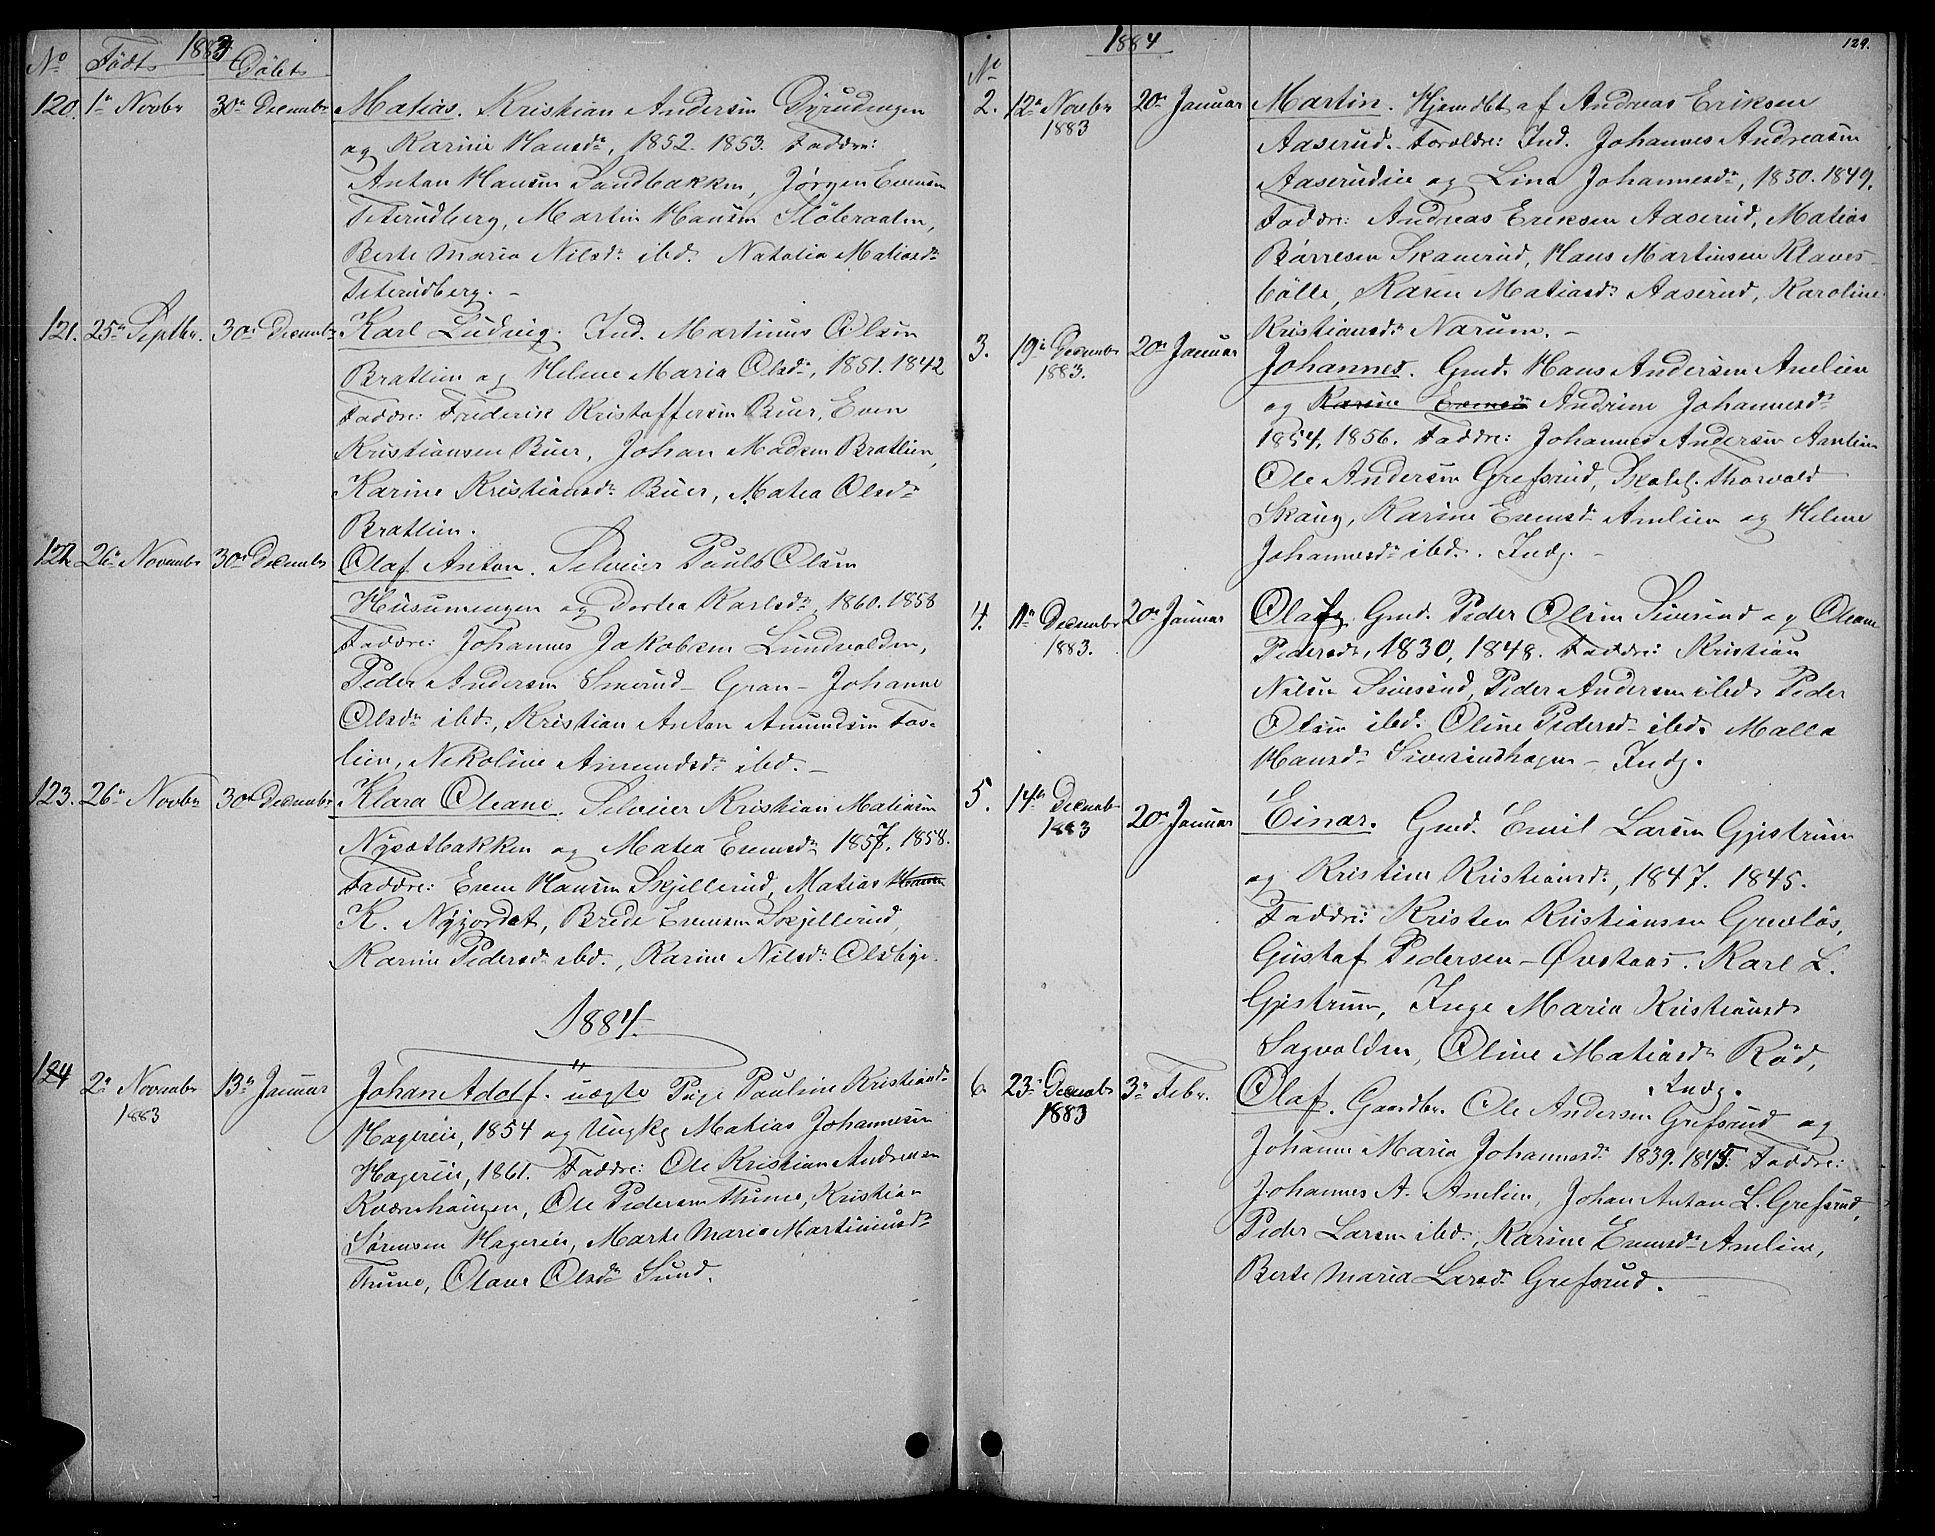 SAH, Vestre Toten prestekontor, H/Ha/Hab/L0006: Klokkerbok nr. 6, 1870-1887, s. 129